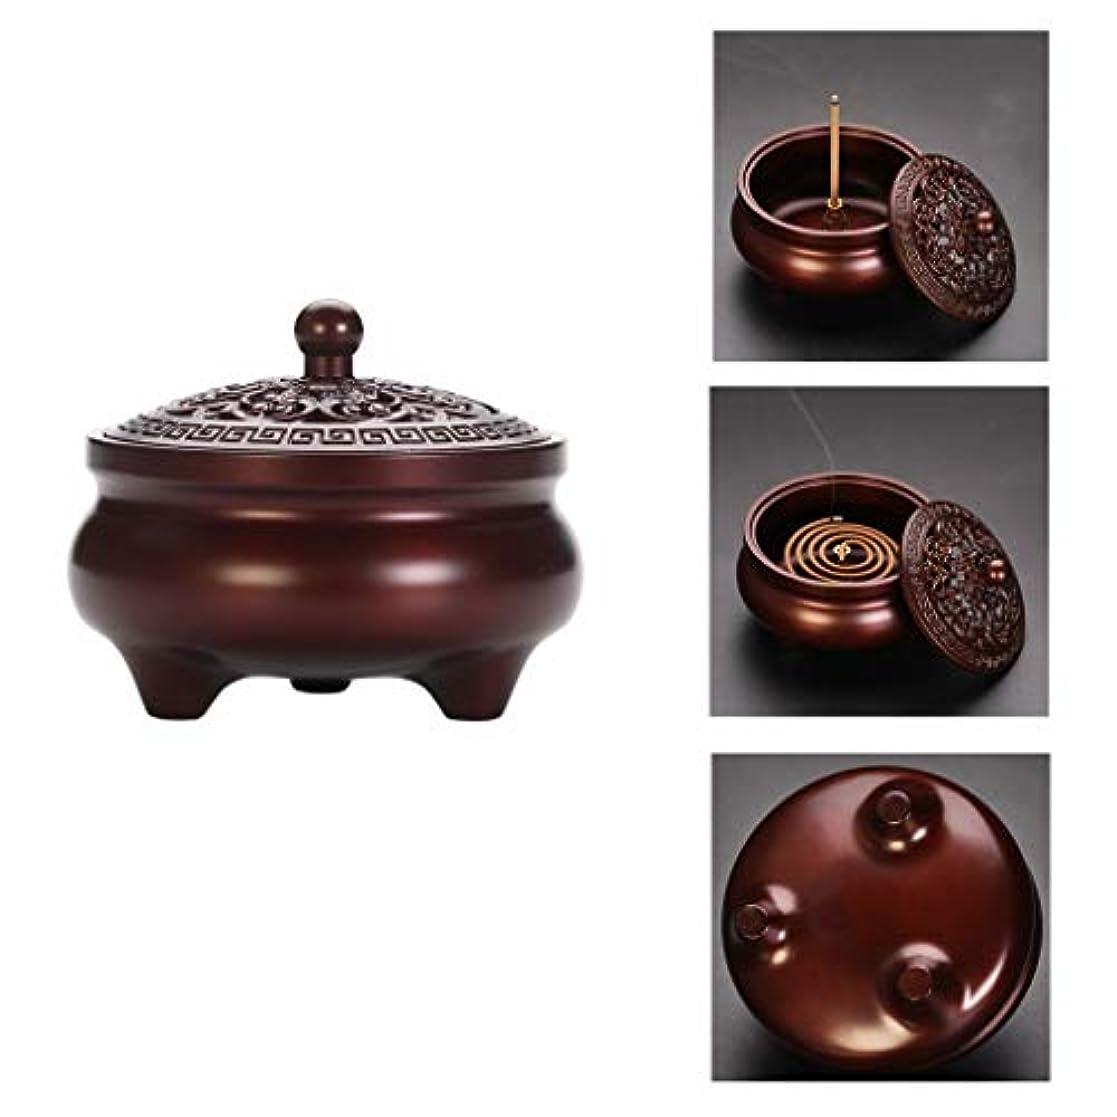 多様性机流暢ホームアロマバーナー 純銅製メカニズム香炉シンプルでエレガントな香炉内三脚アロマセラピー炉 アロマバーナー (Color : Purple Lotus)